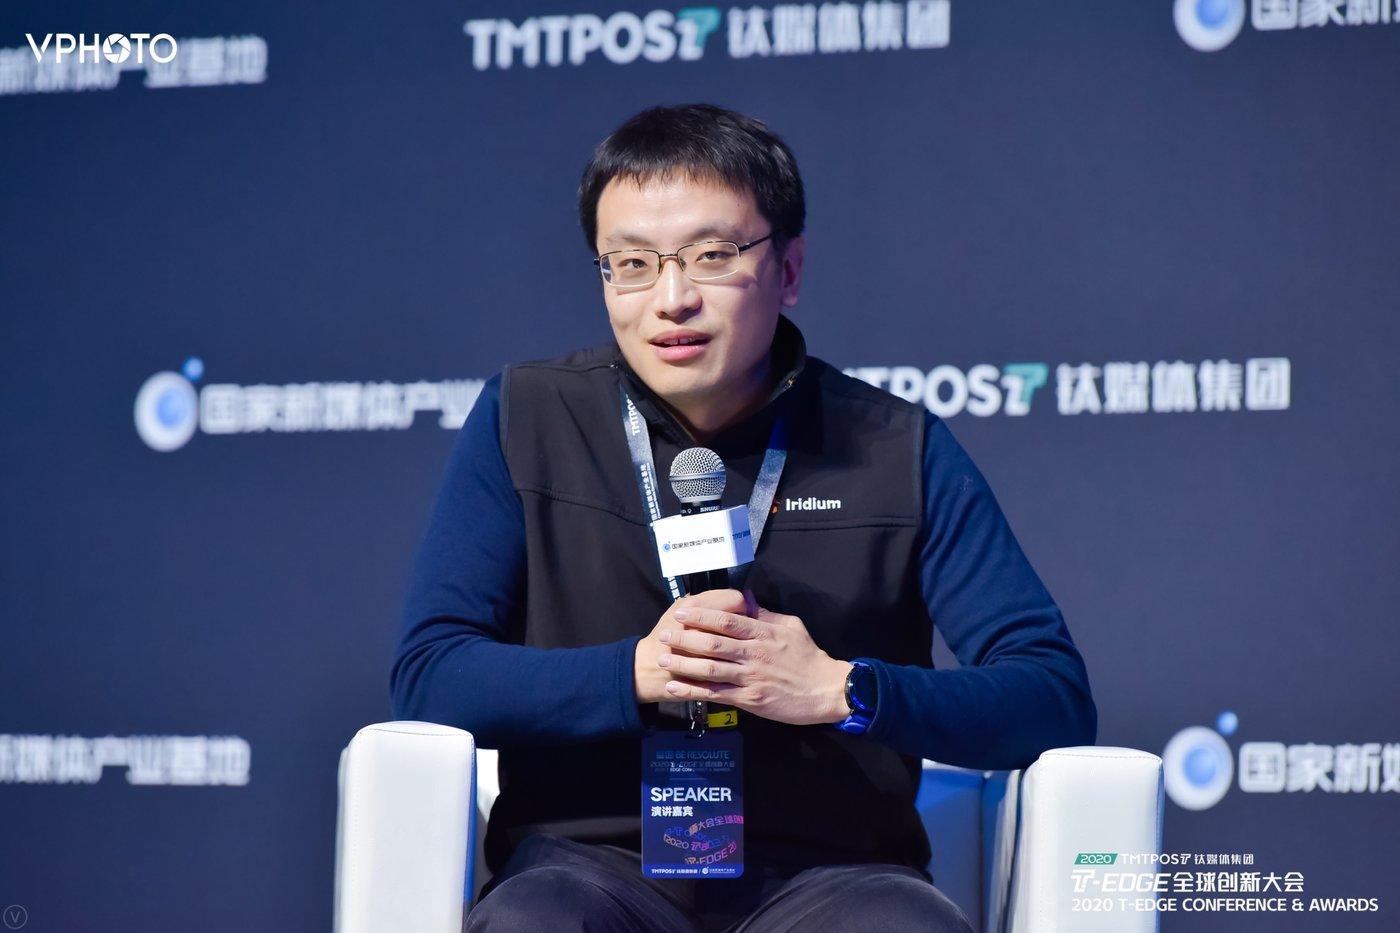 去年12月,谭章熹博士参加钛媒体举办的2020年T-EDGE全球创新大会